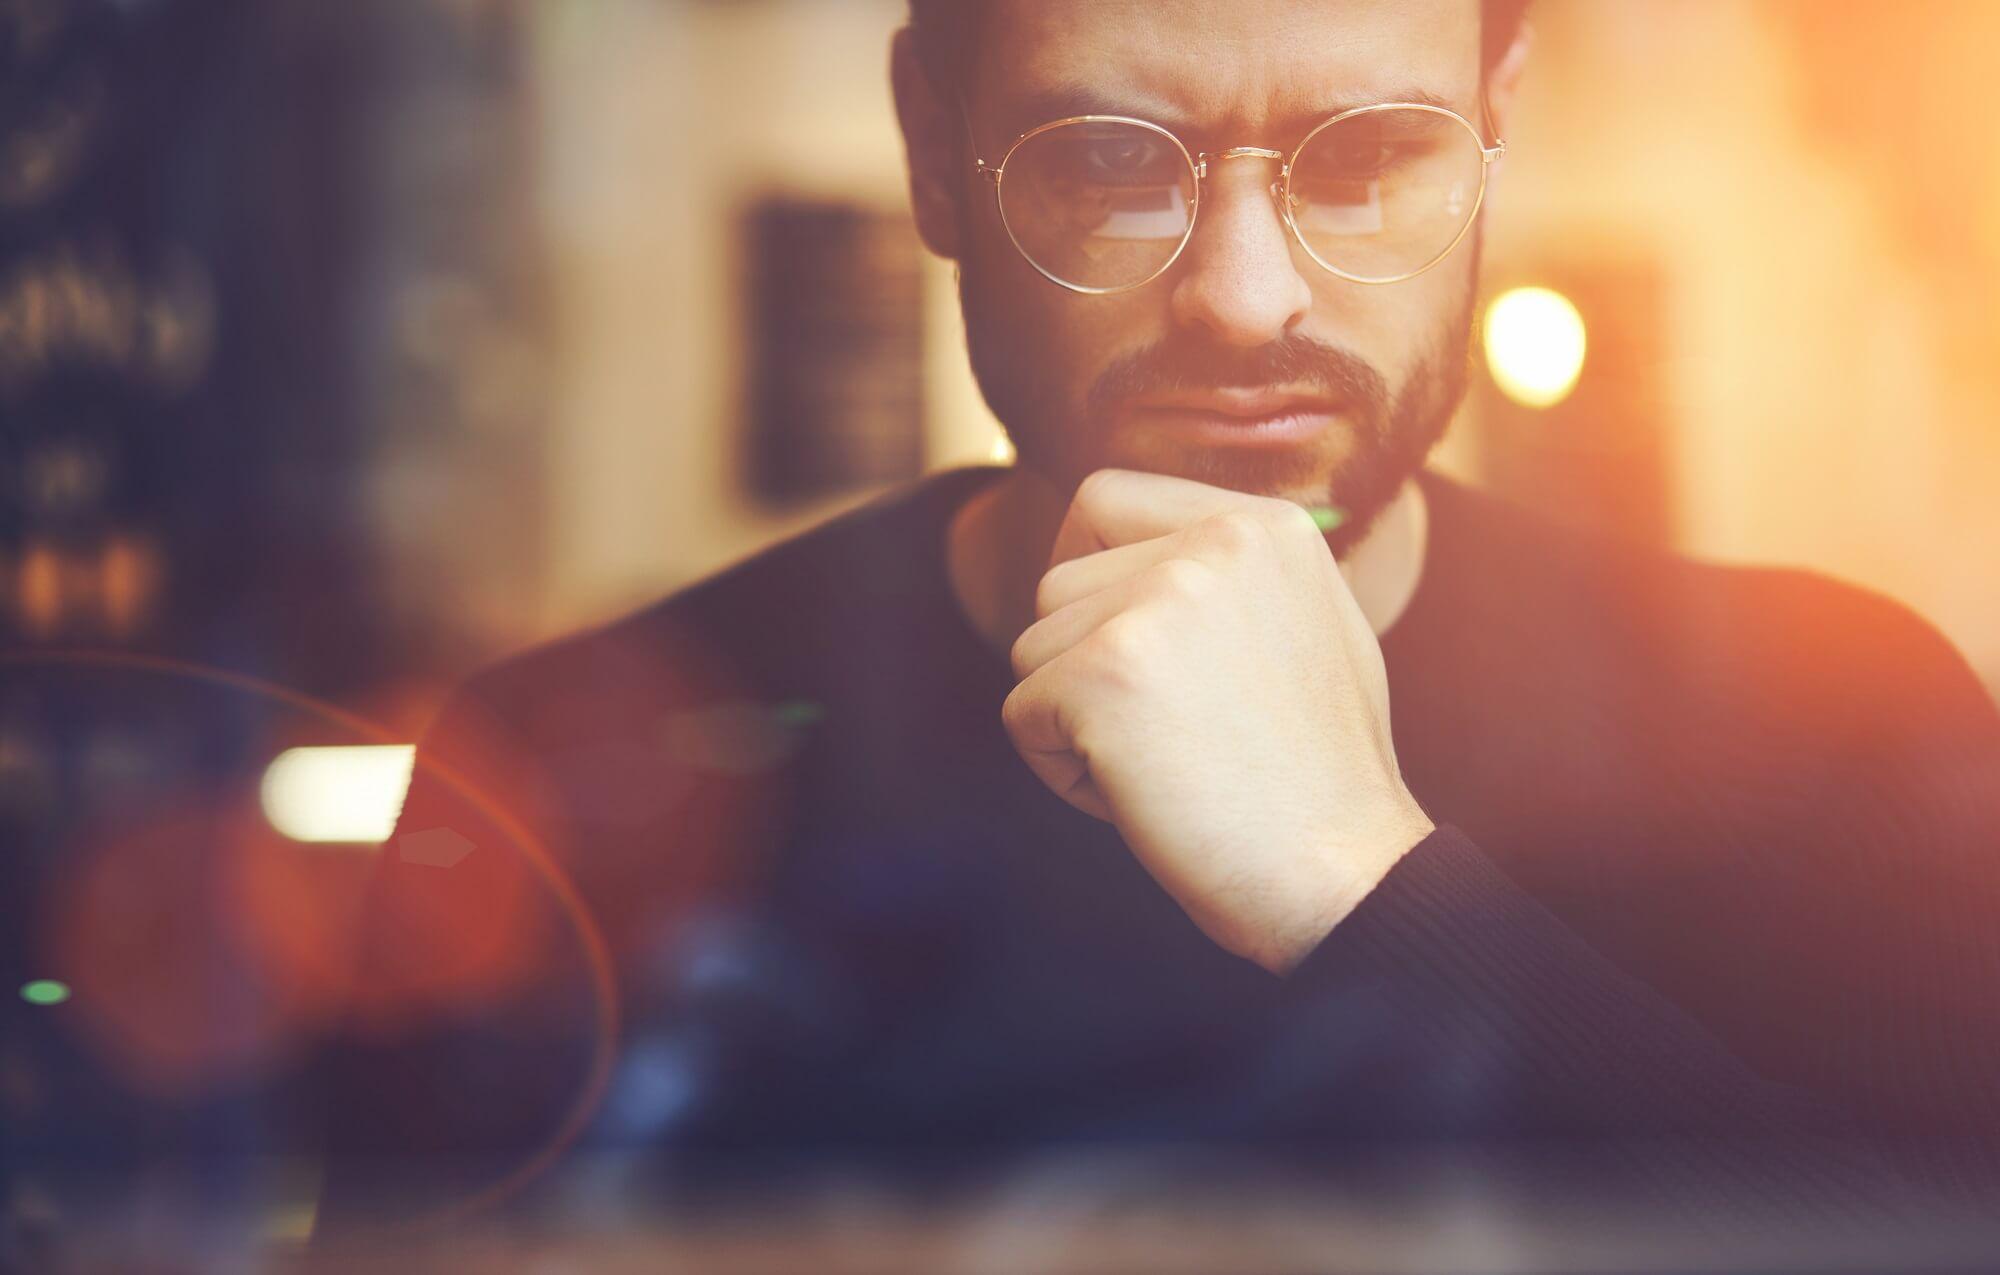 Zamyślony mężczyzna przed komputerem